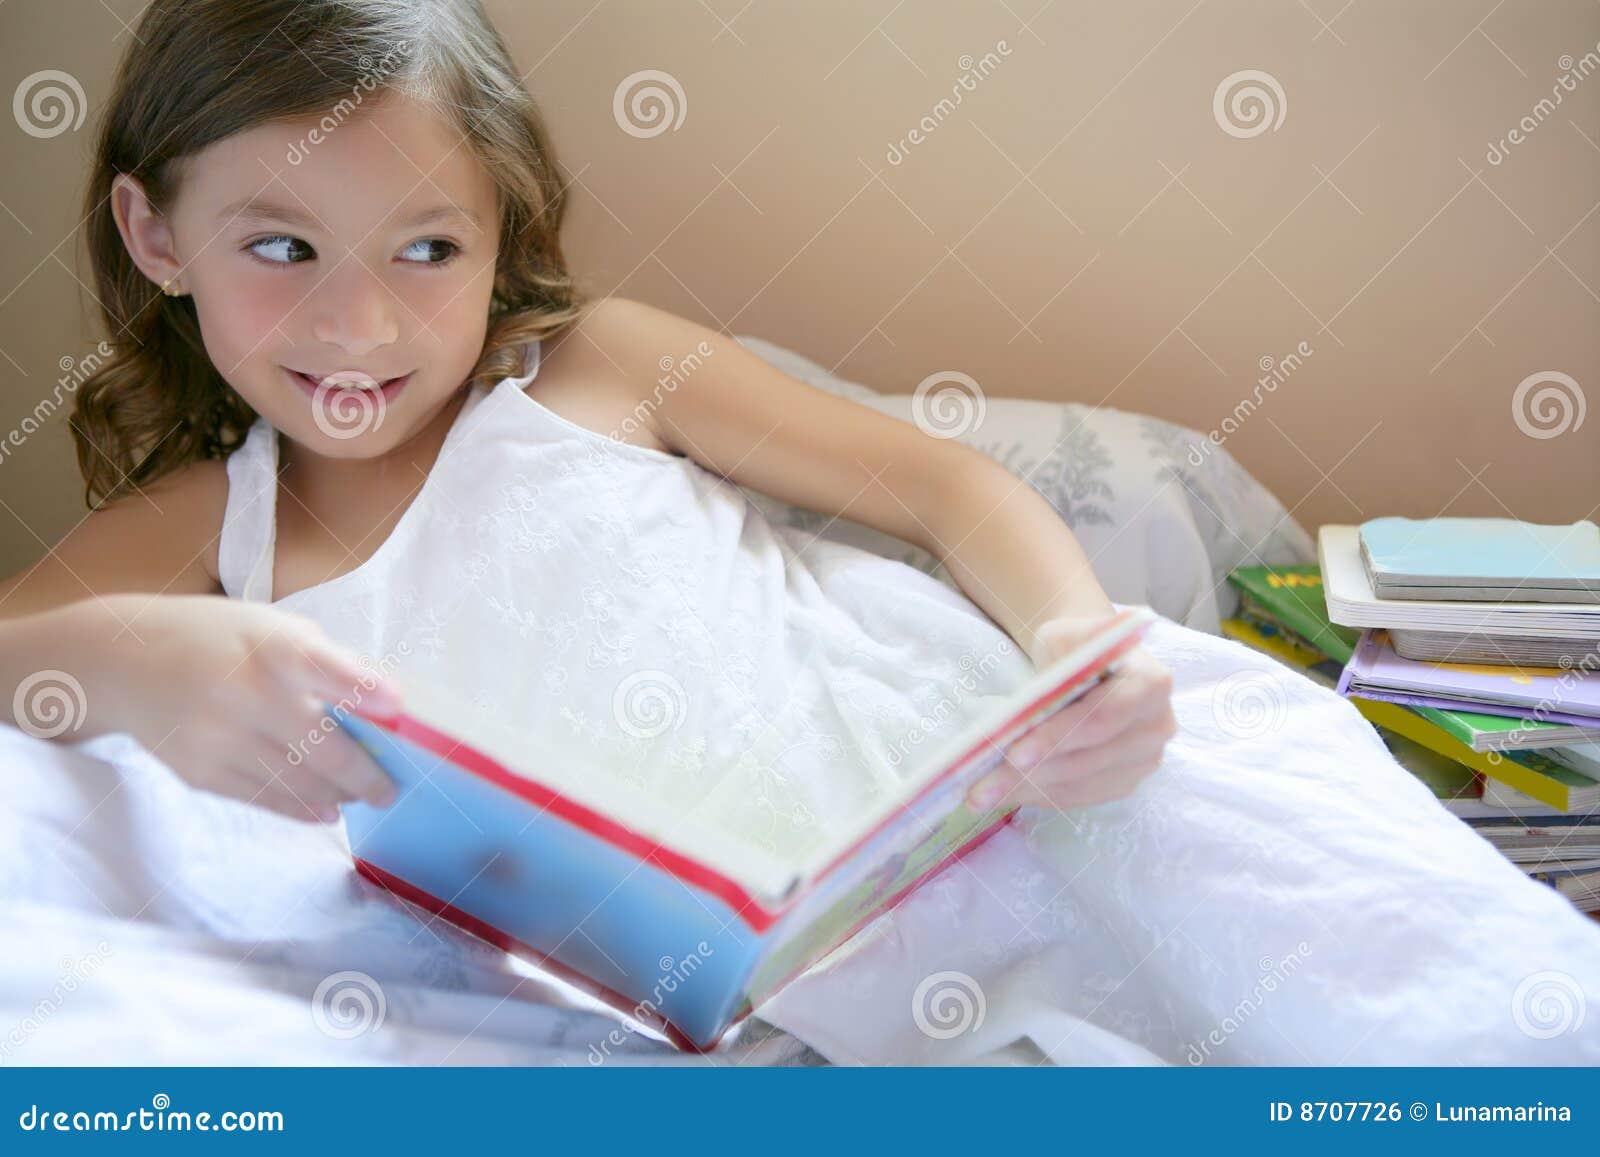 Смотреть порно маленькие девочки домашнее 17 фотография